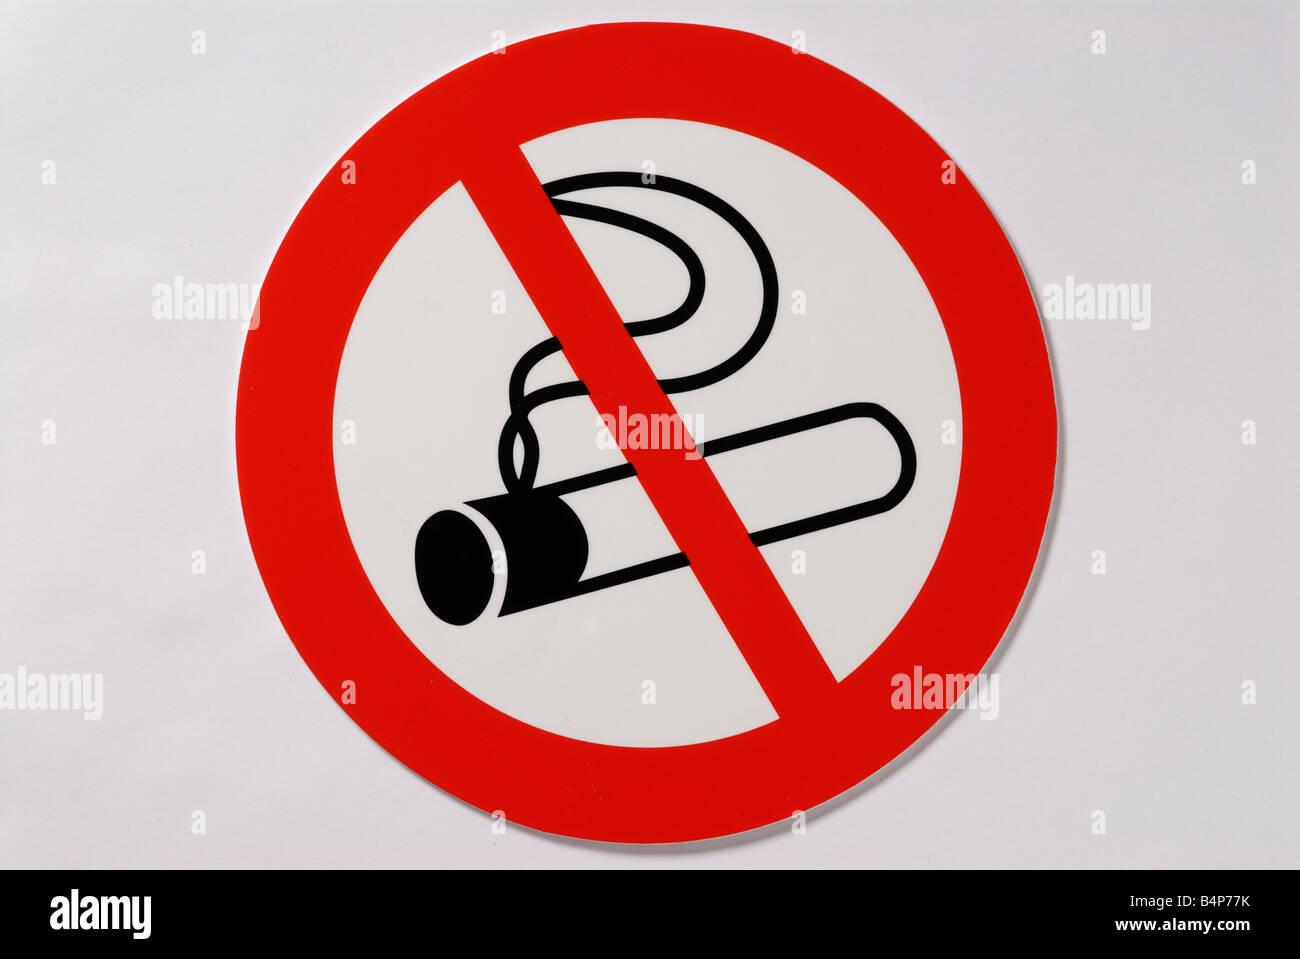 smoking free cigarette sign notice logo stock photos smoking free